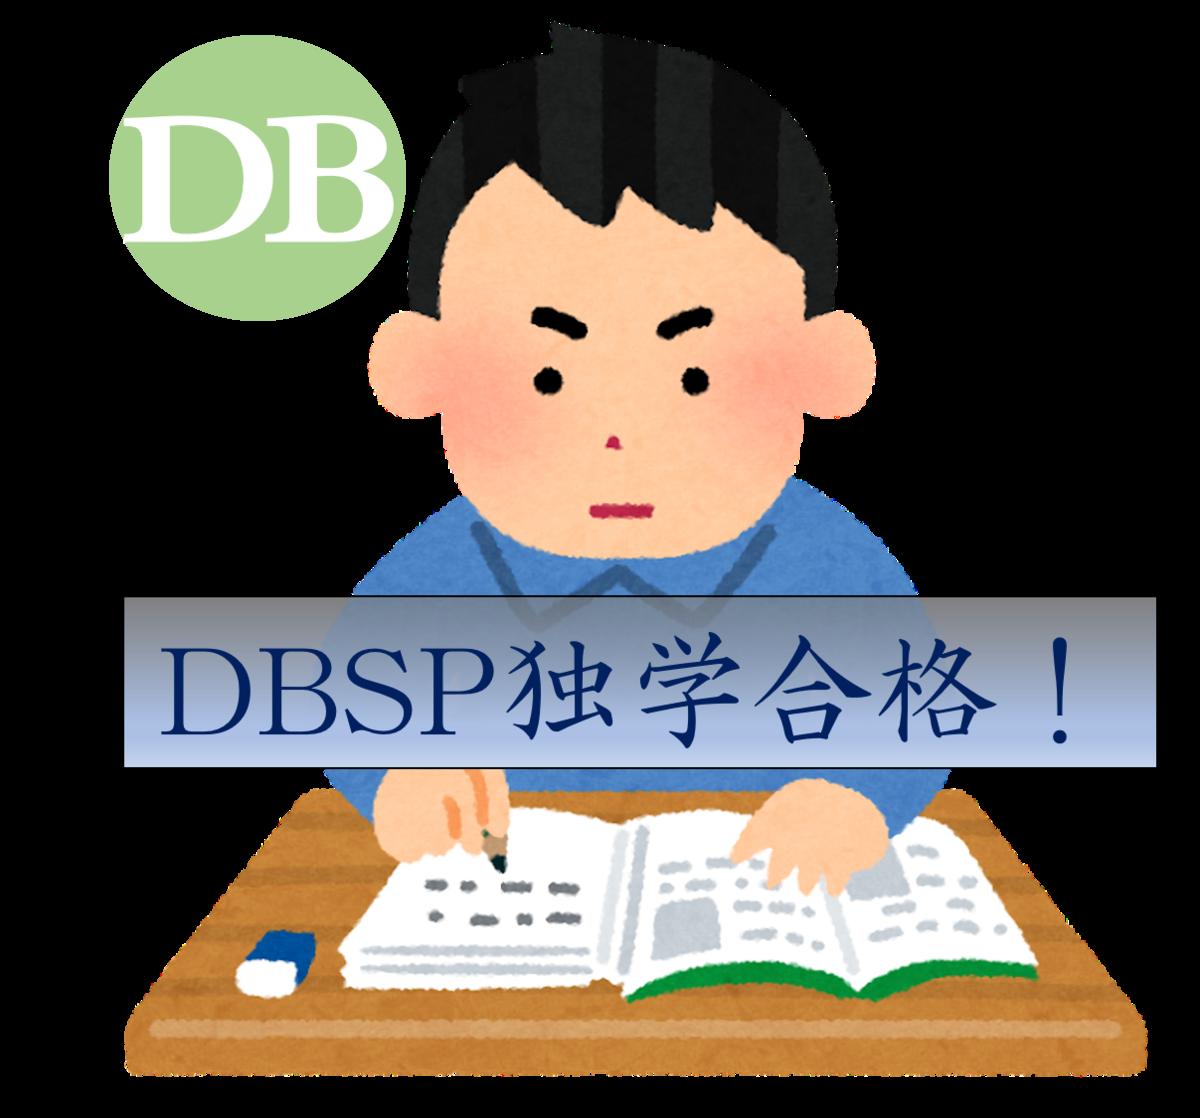 f:id:AkiyoshiBlog:20200229203541p:plain